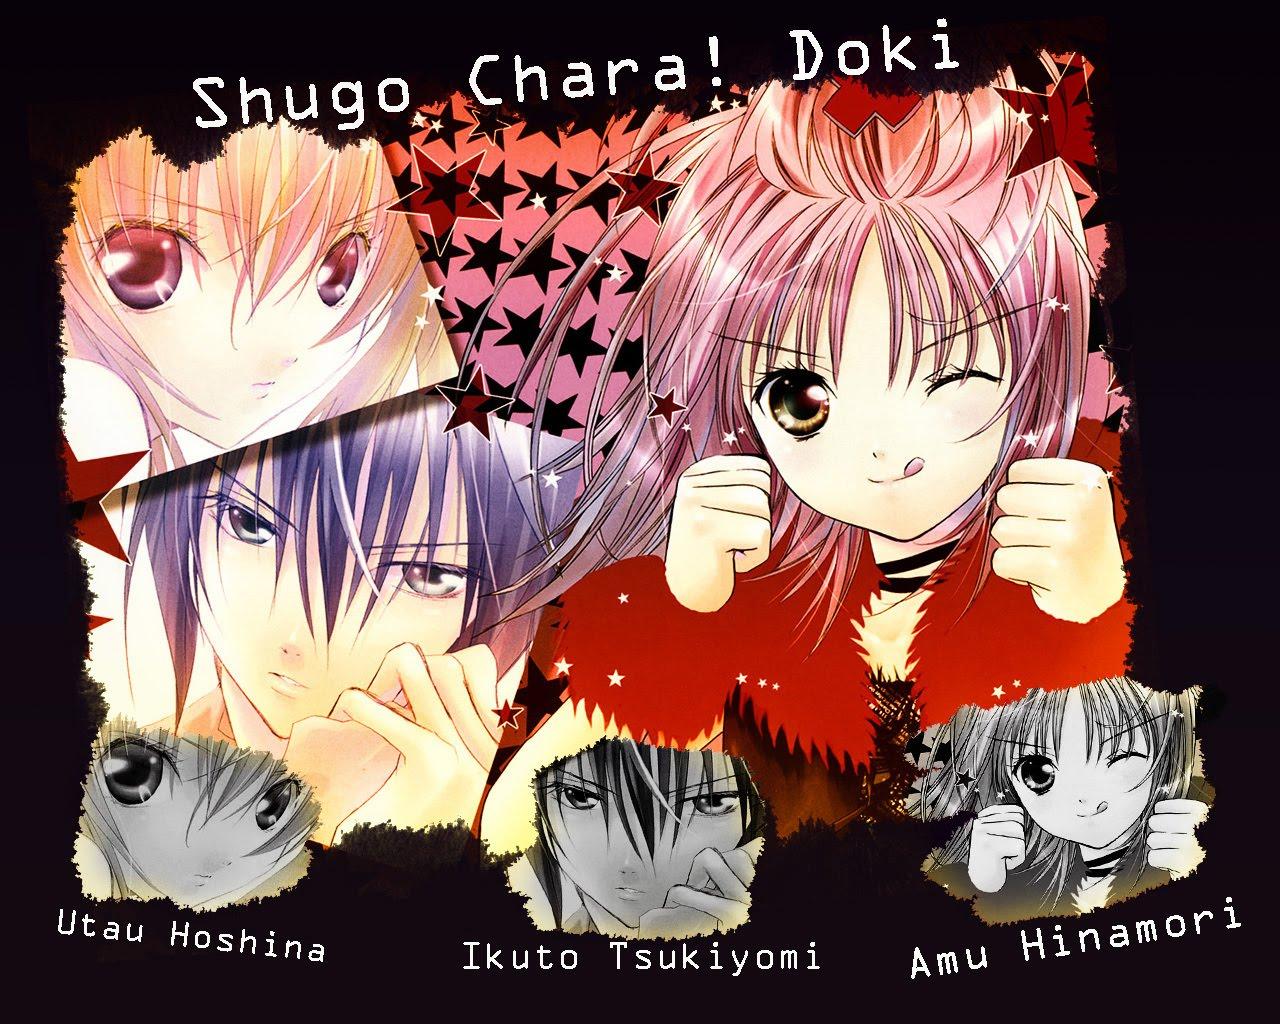 http://1.bp.blogspot.com/_FZxIXaO4ocA/TAnhjg1rYRI/AAAAAAAAE_Y/K6izr5tprRA/s1600/Utau-Ikuto-Amu-shugo-chara-11682828-1280-1024.jpg